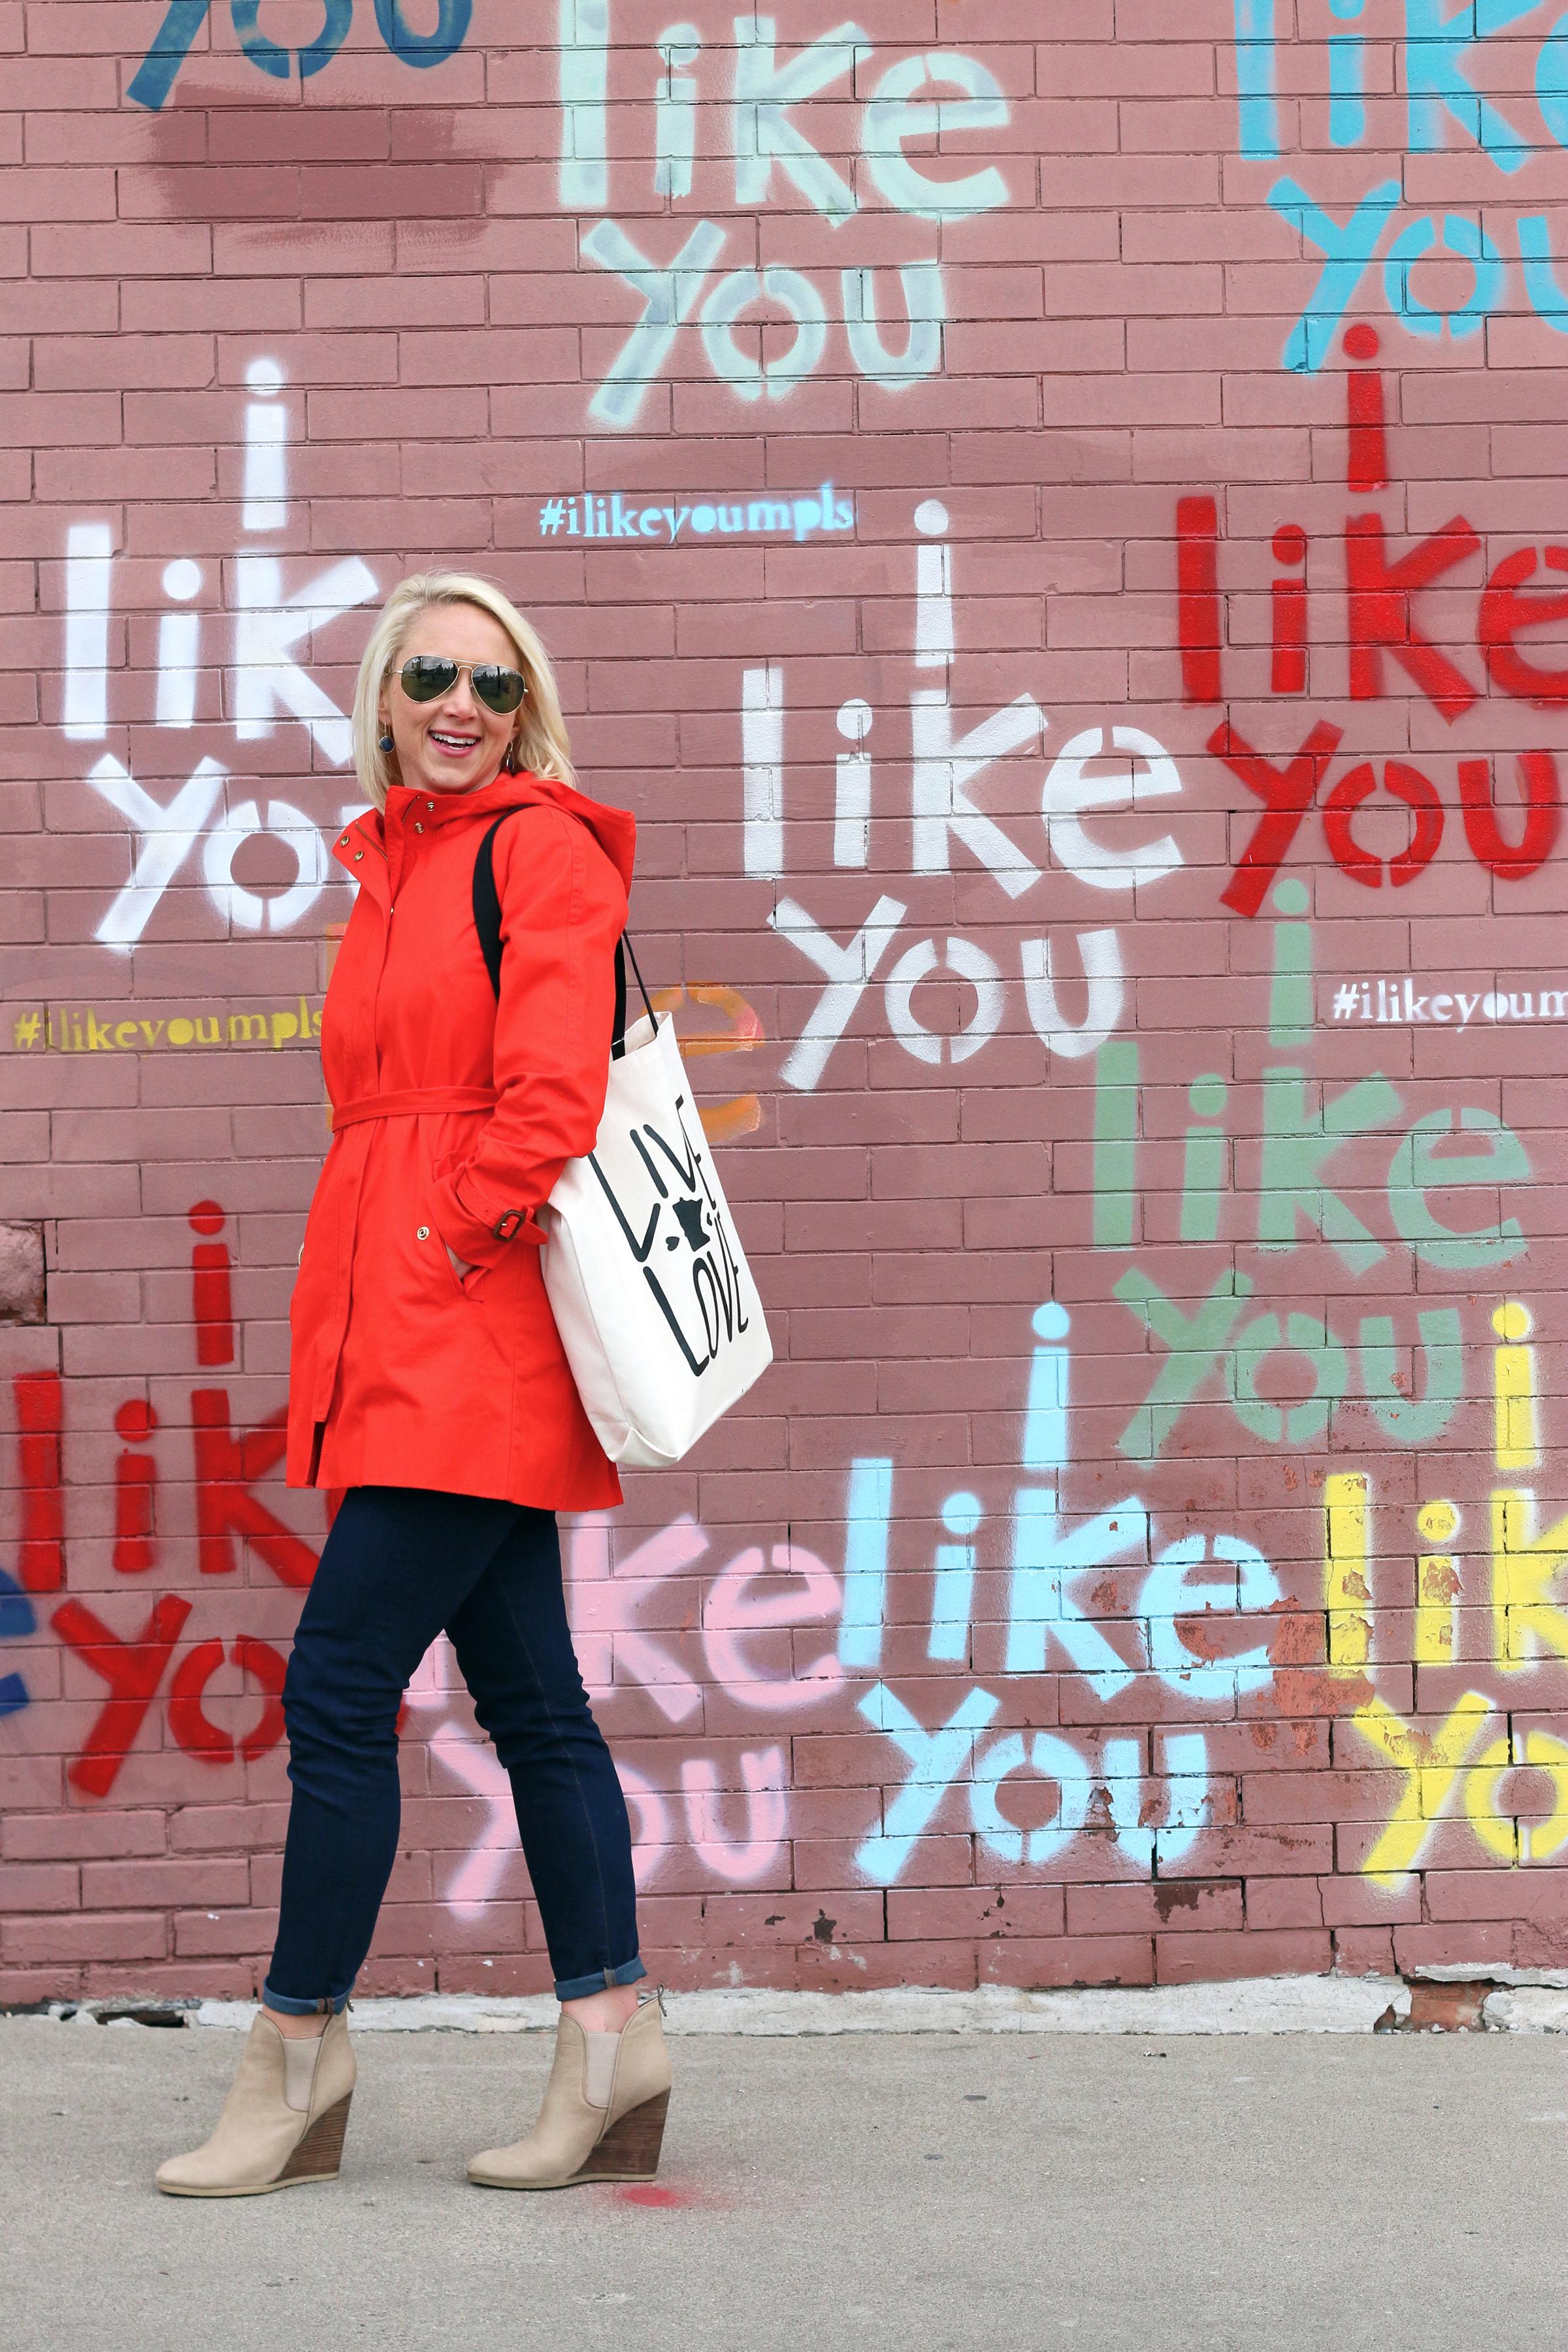 TOTE i like you - hi.jpg